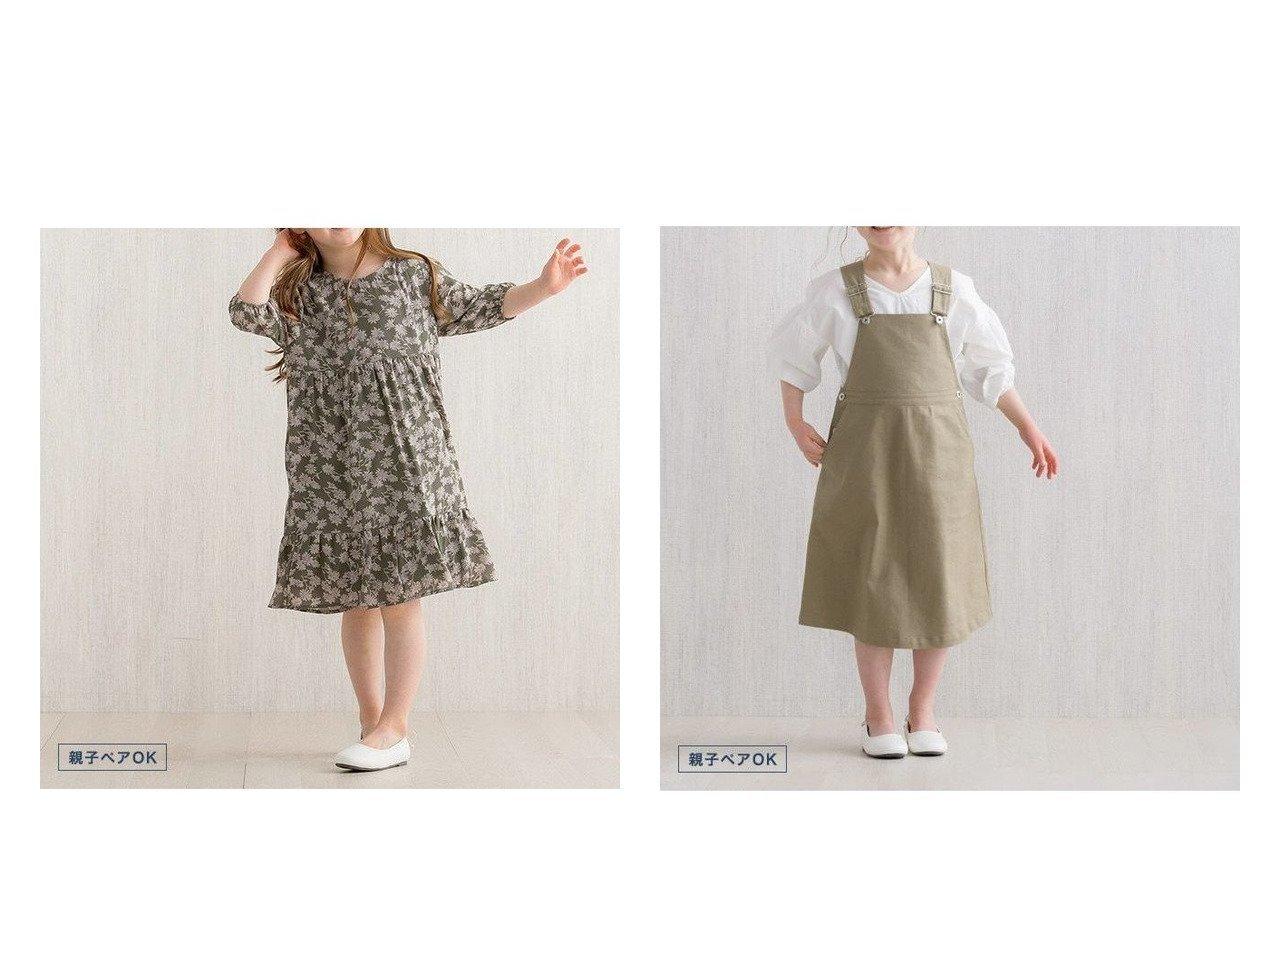 【Pierrot/ピエロ】のlulpini 花柄ワンピース&lulpini ツイルジャンスカ 【KIDS プチプライス】おすすめ!人気トレンド・ファッション通販  おすすめで人気の流行・トレンド、ファッションの通販商品 メンズファッション・キッズファッション・インテリア・家具・レディースファッション・服の通販 founy(ファニー) https://founy.com/ ファッション Fashion レディースファッション WOMEN ワンピース Dress インナー スリット ツイル プチプライス・低価格 Affordable ロング ギャザー ジョーゼット |ID:crp329100000029018